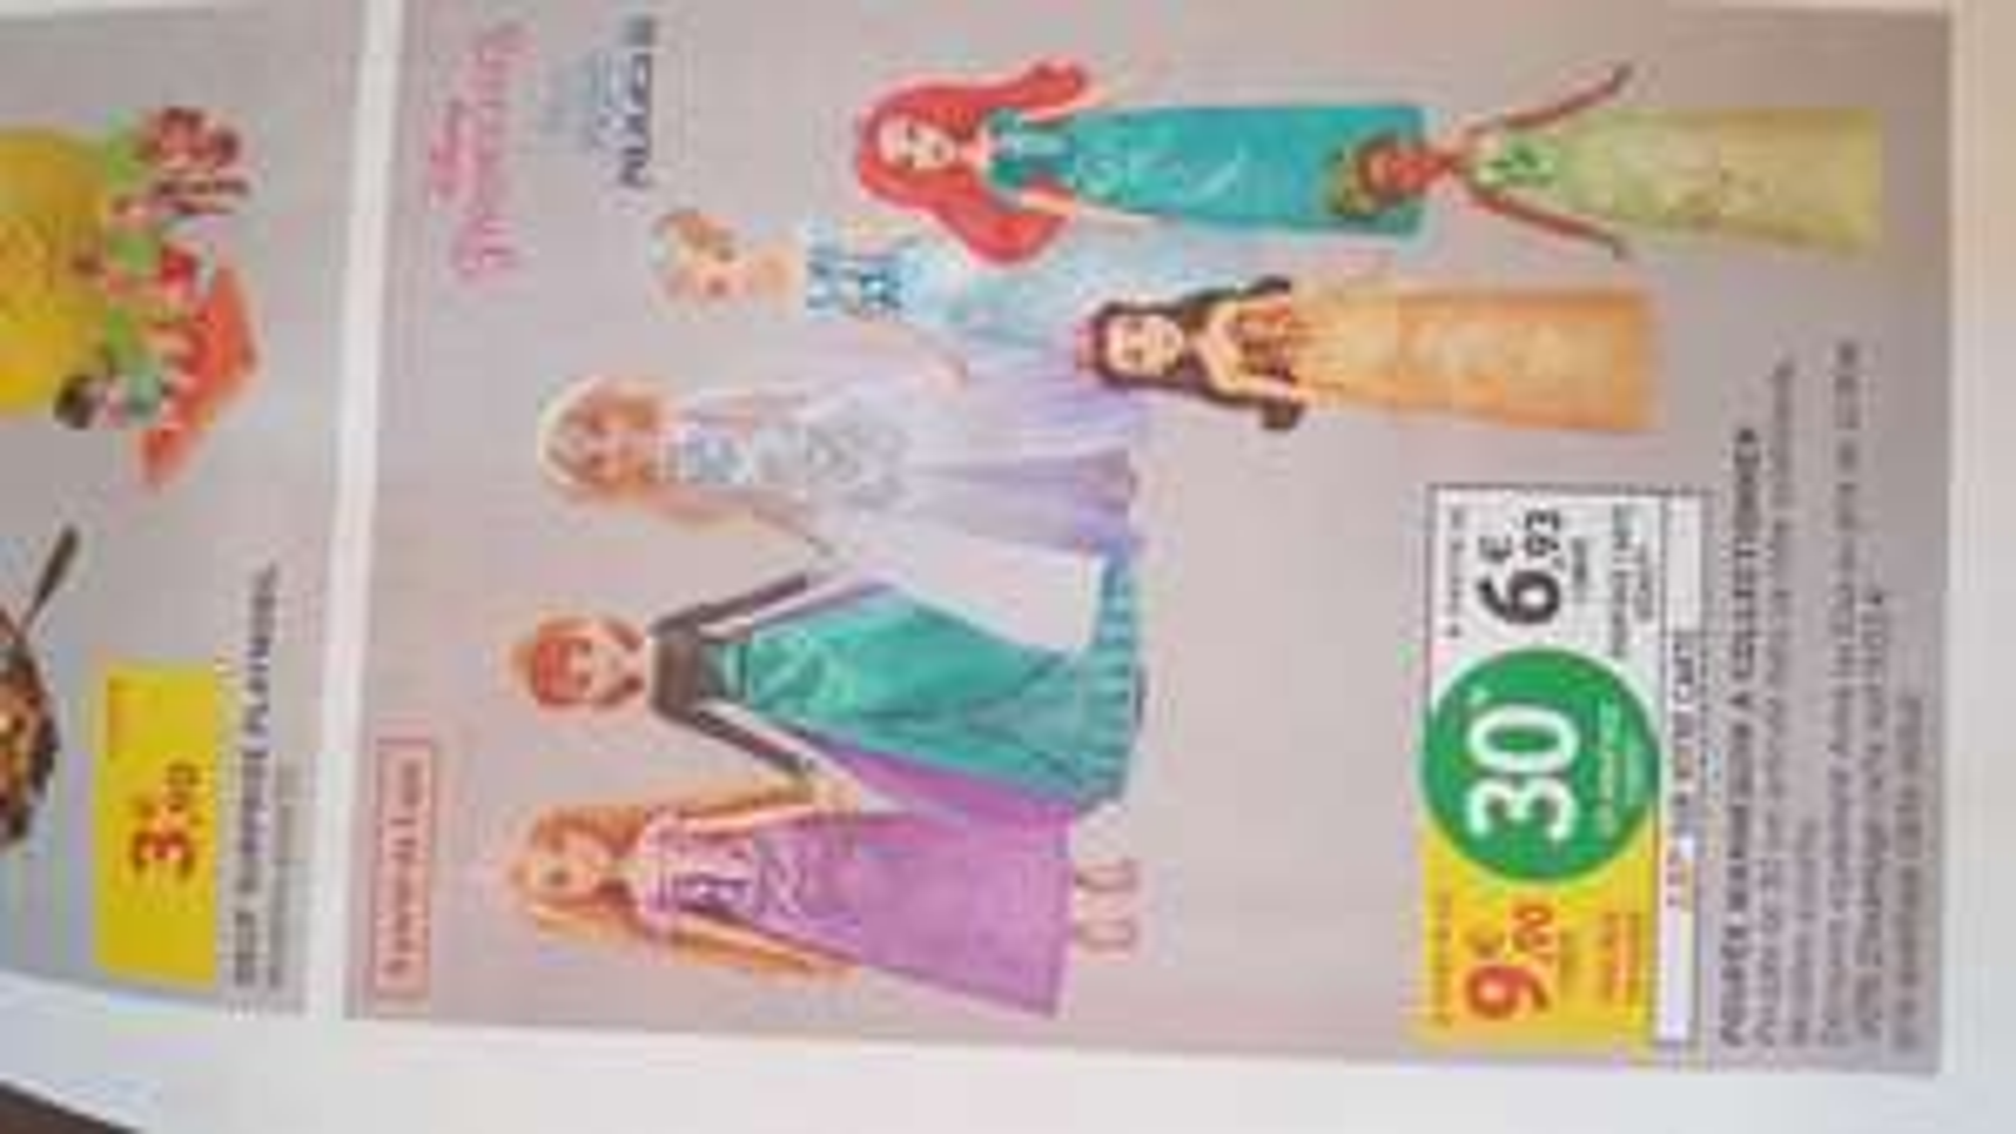 Poupée Mannequin Princesse Disney - 30cm, Divers modèles (via 2.97€ sur la carte fidélité) - Sélection de magasins